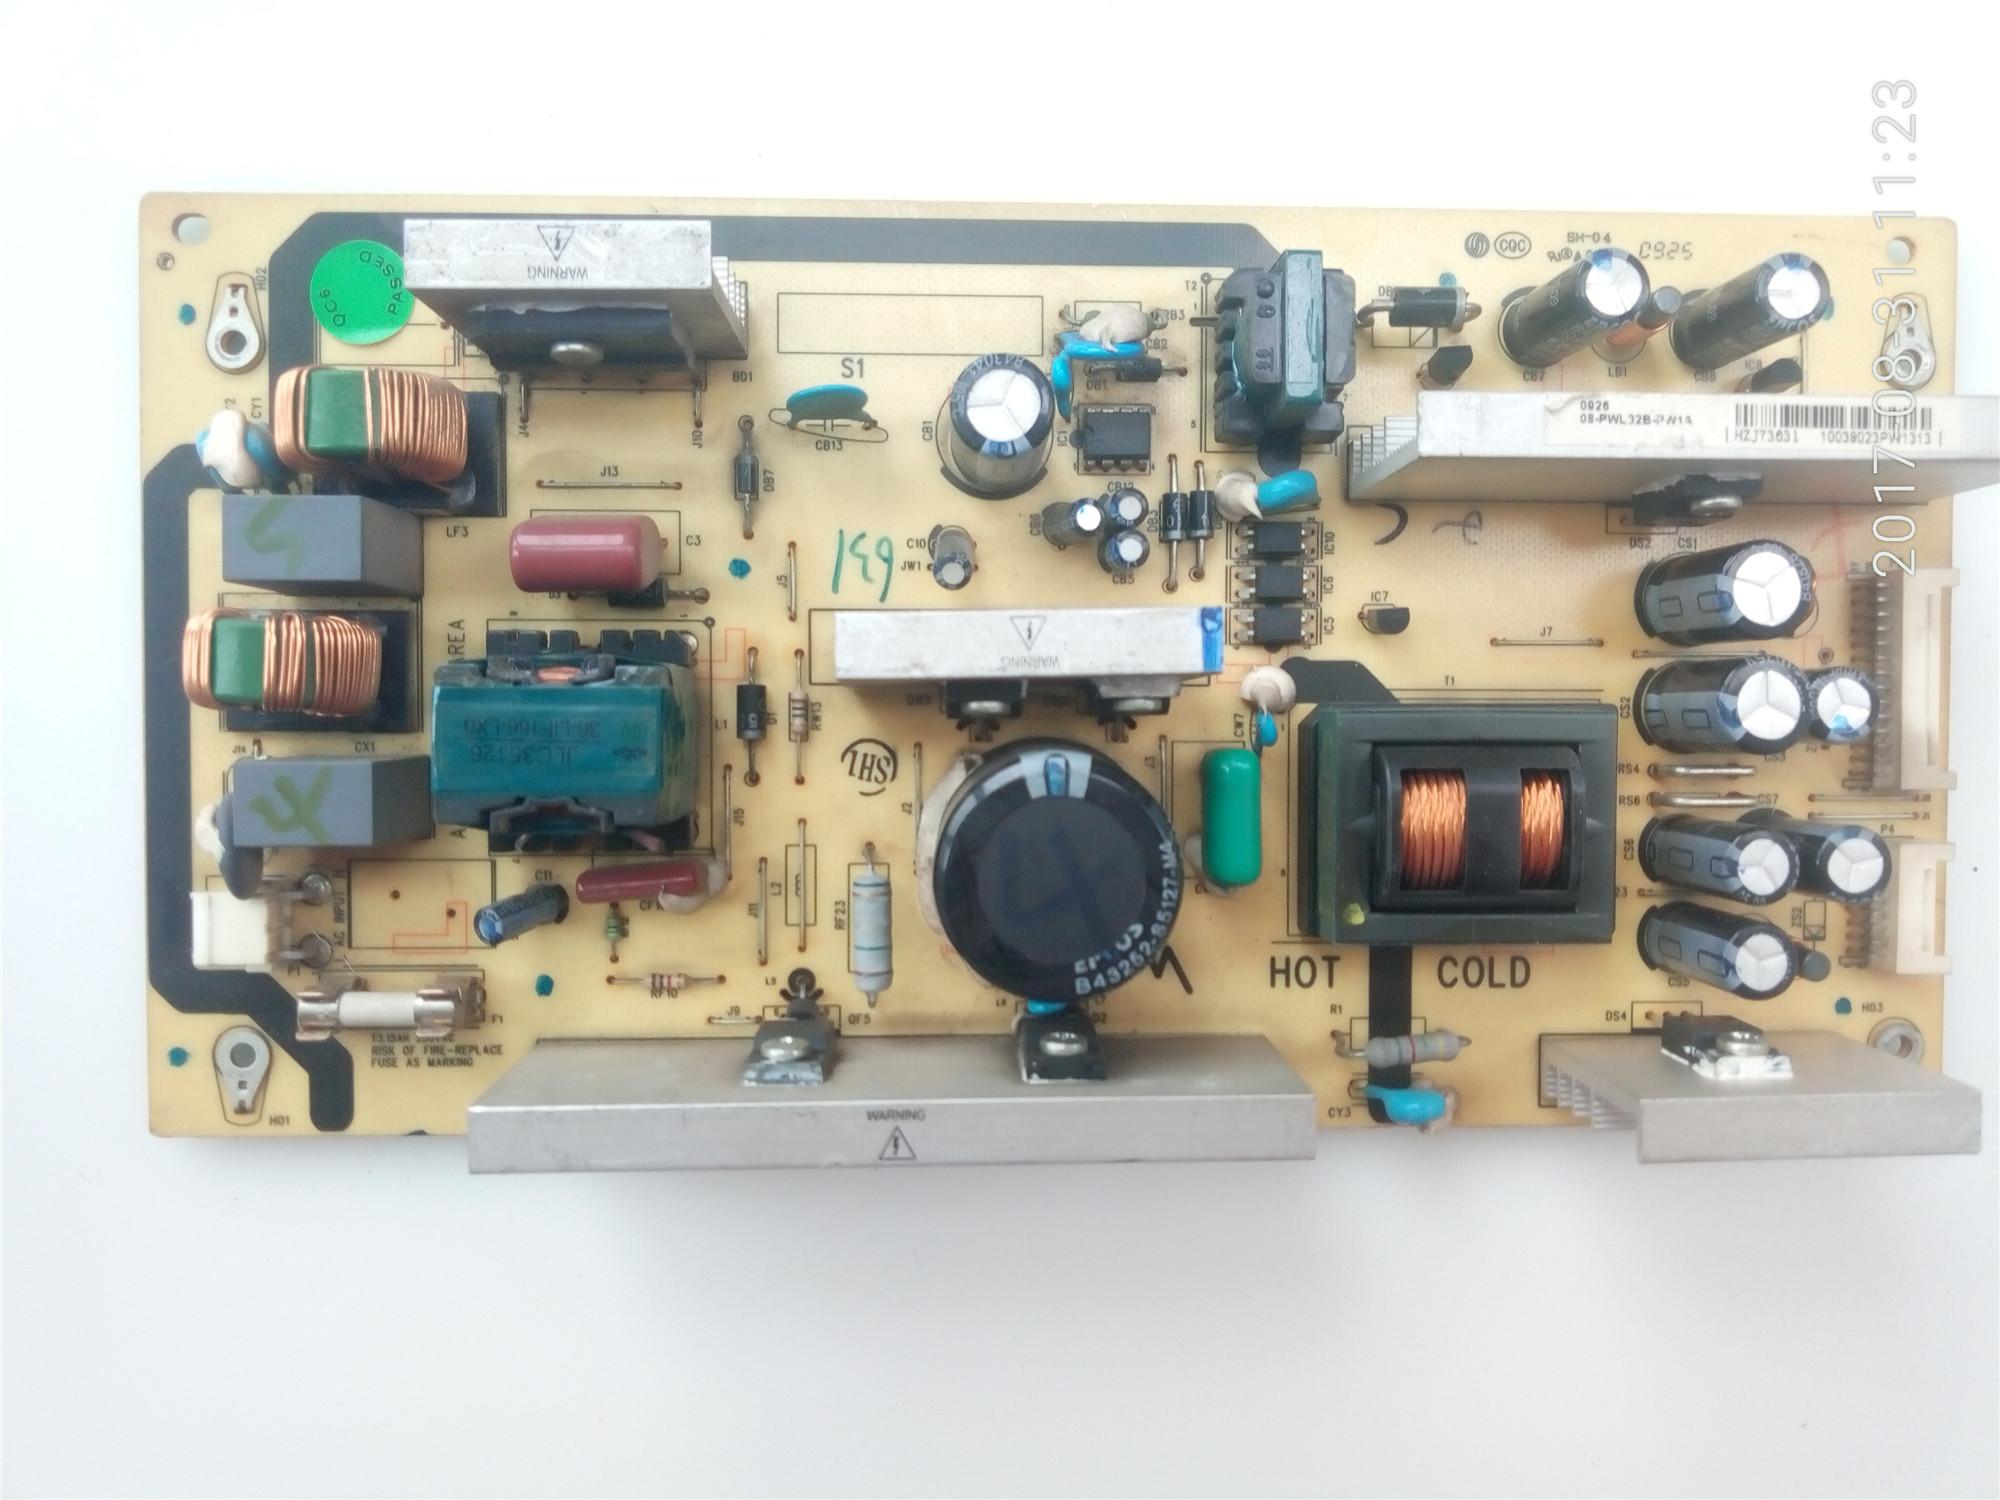 TCLL32F19BD32 - дюймовый жидкокристаллический телевизор полномочия Совета логика Совета Совет цифровой платы my822 высокого давления